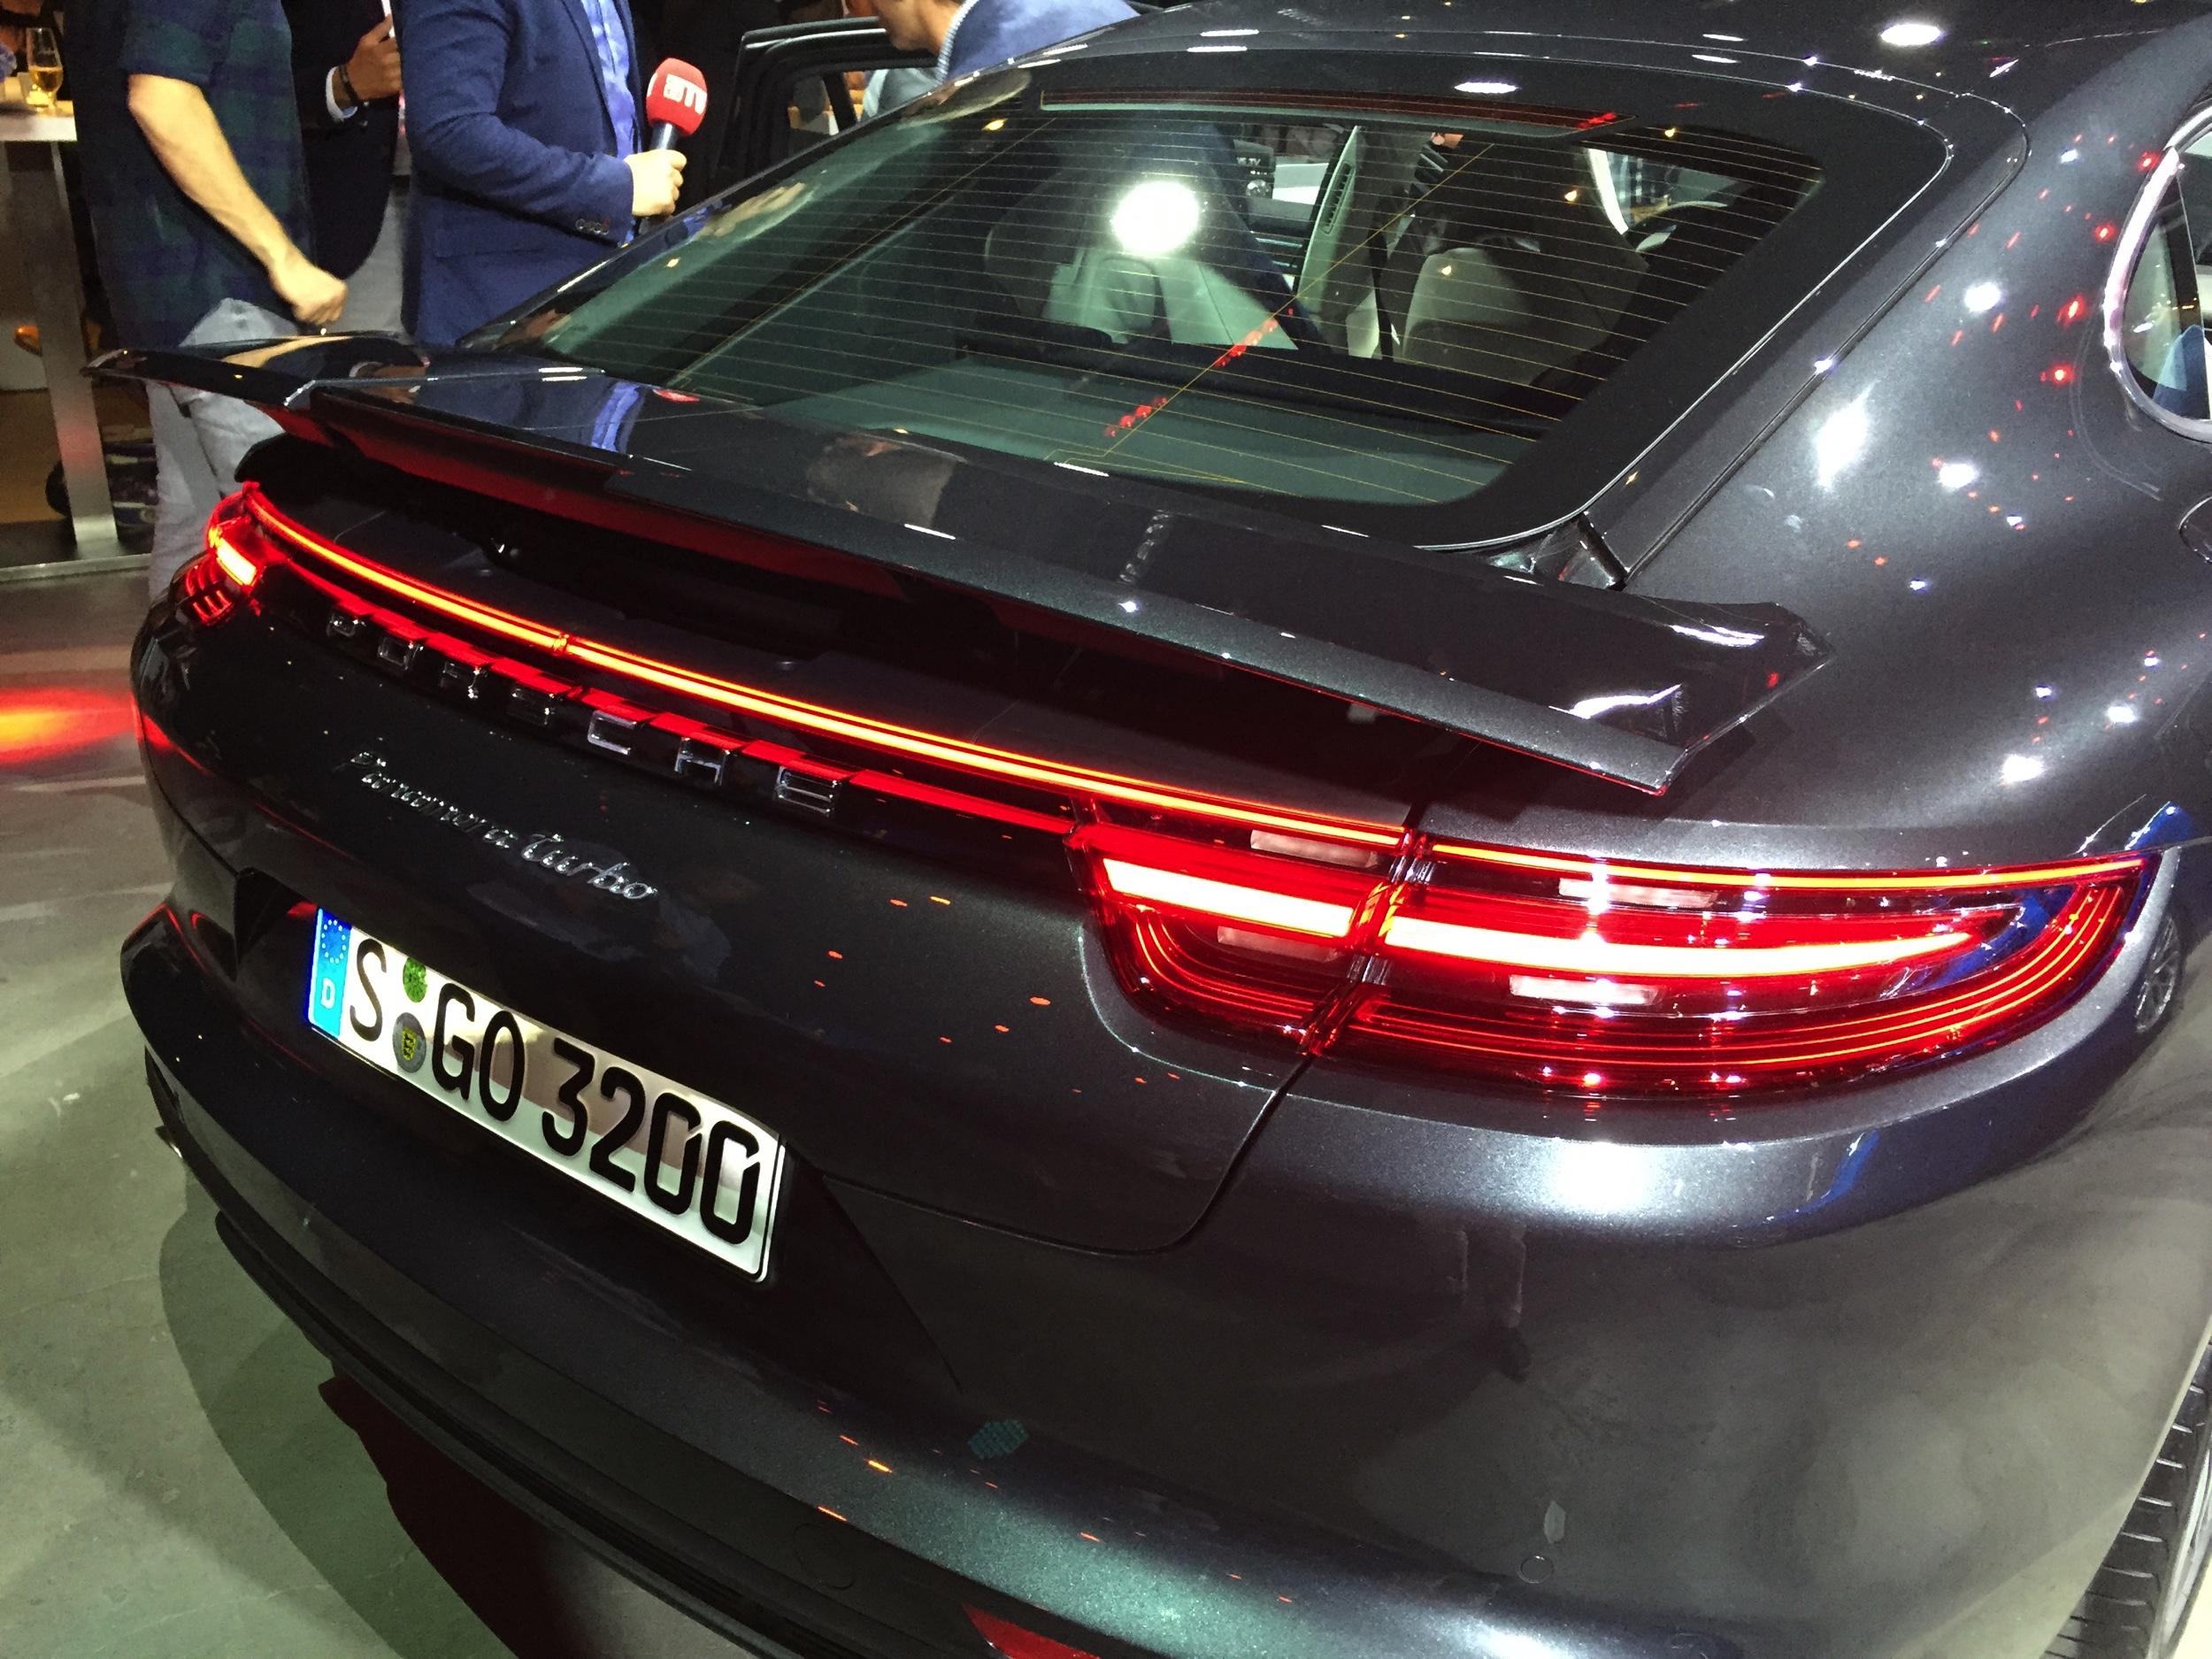 Porsche Panamera -3- Sjoerd van Bilsen - Autovisie.nl